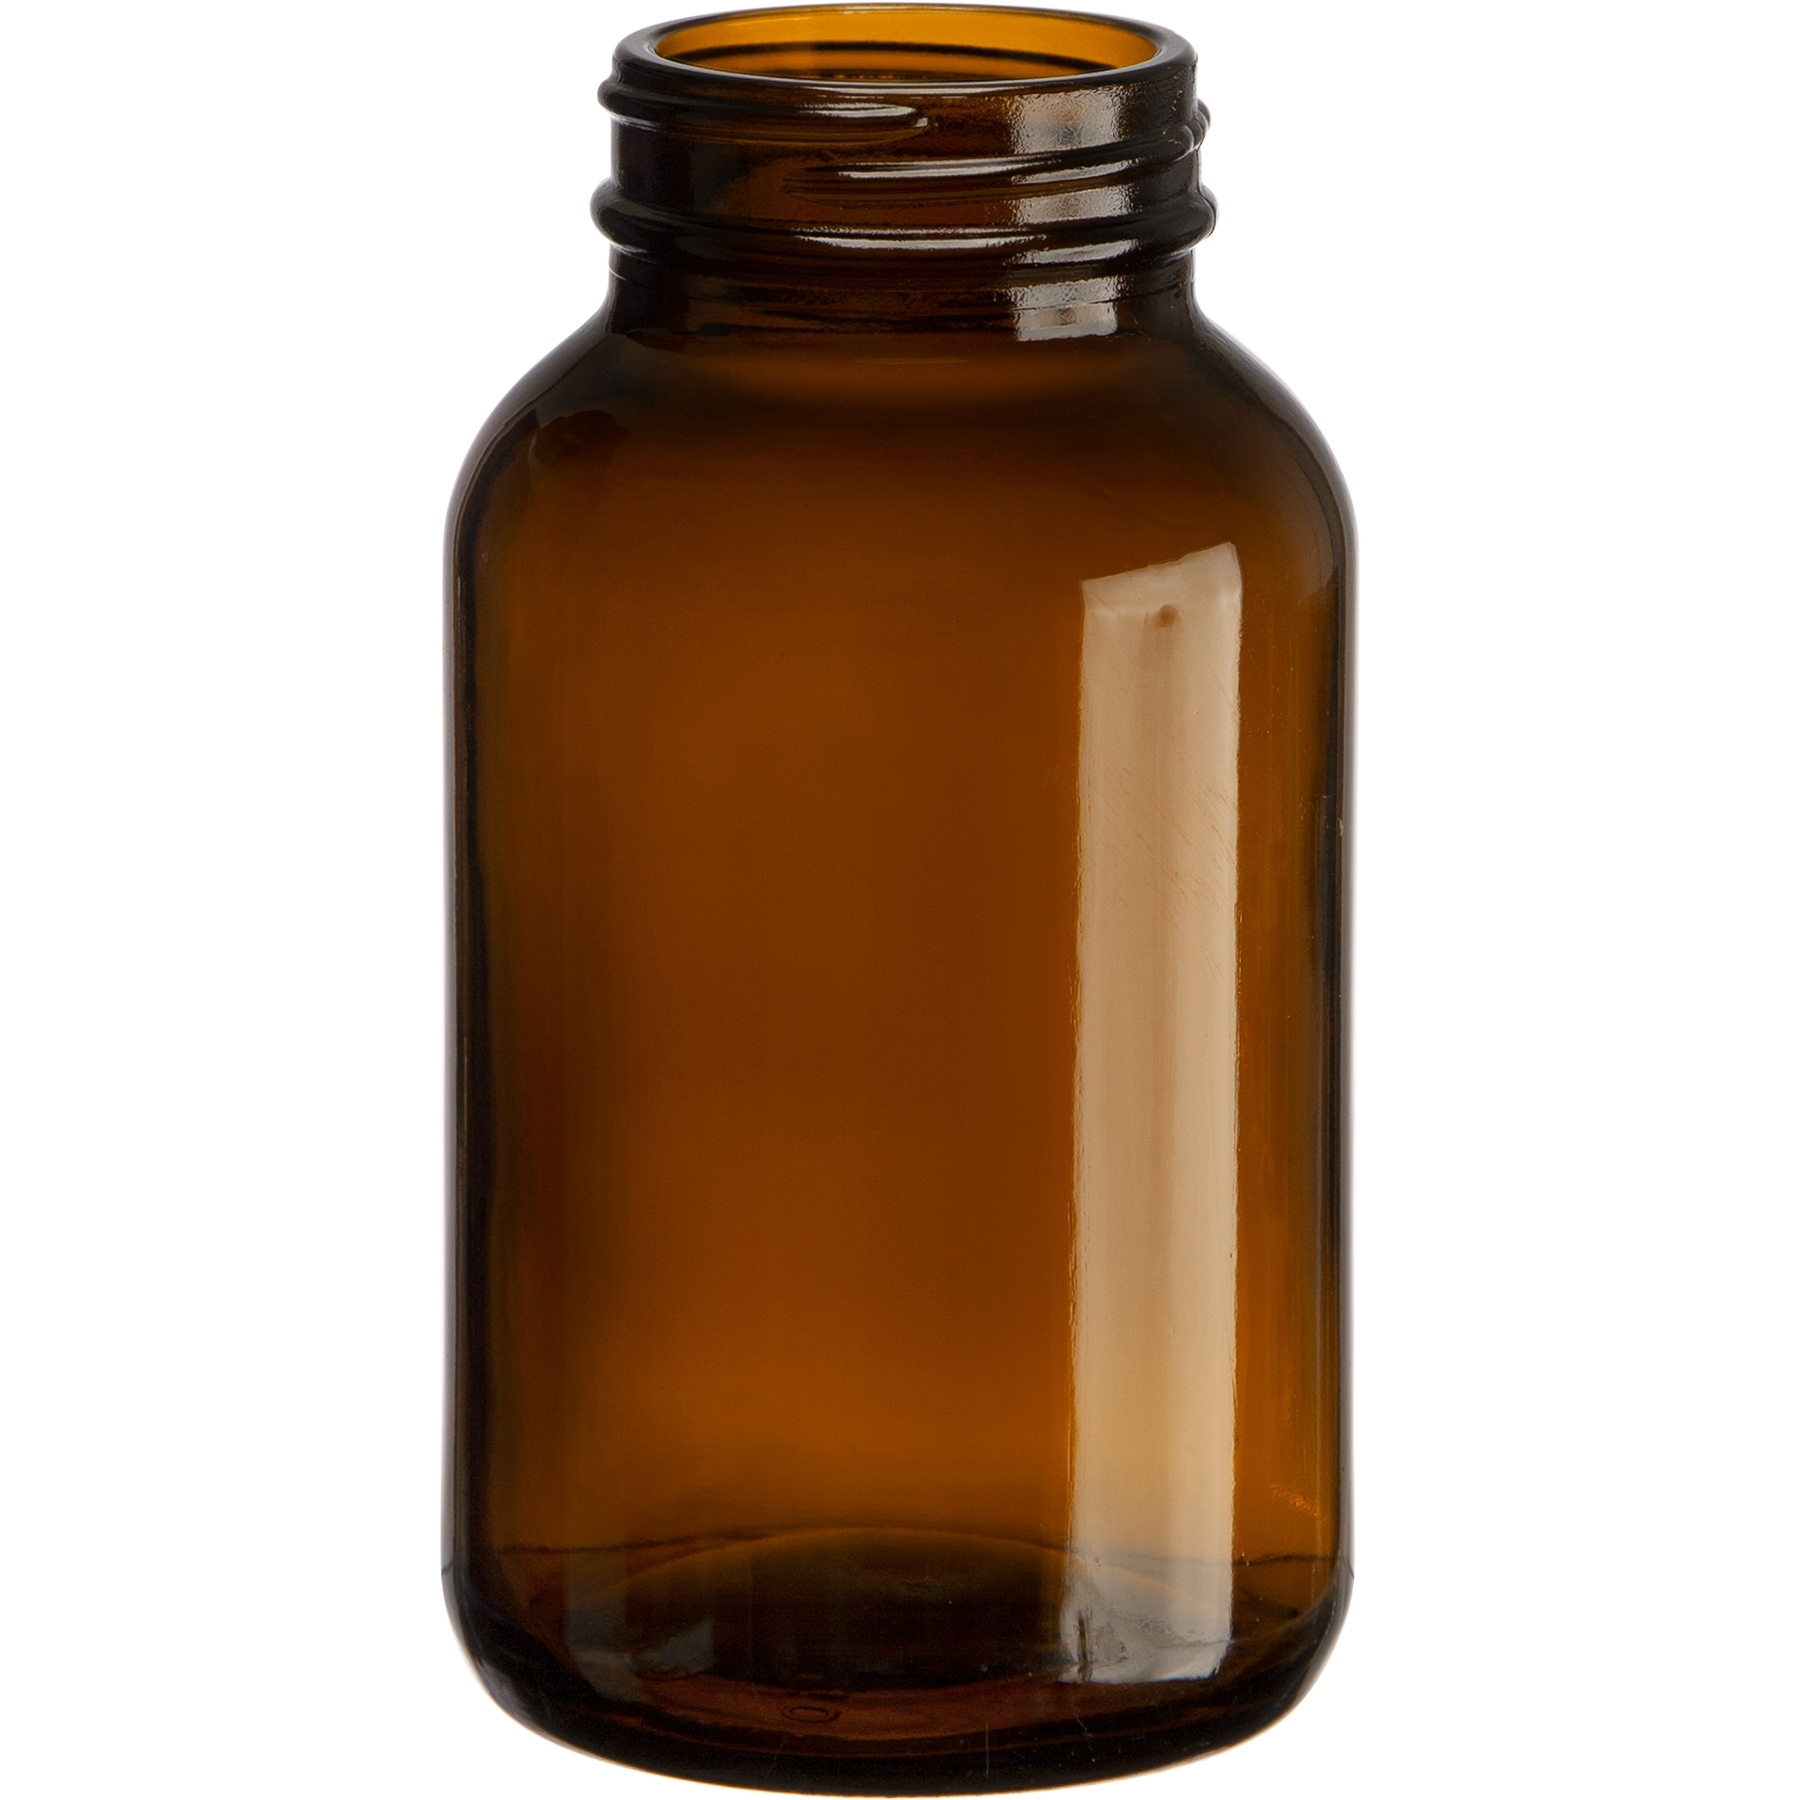 8 oz Orange Glass Drop bottle with Spout